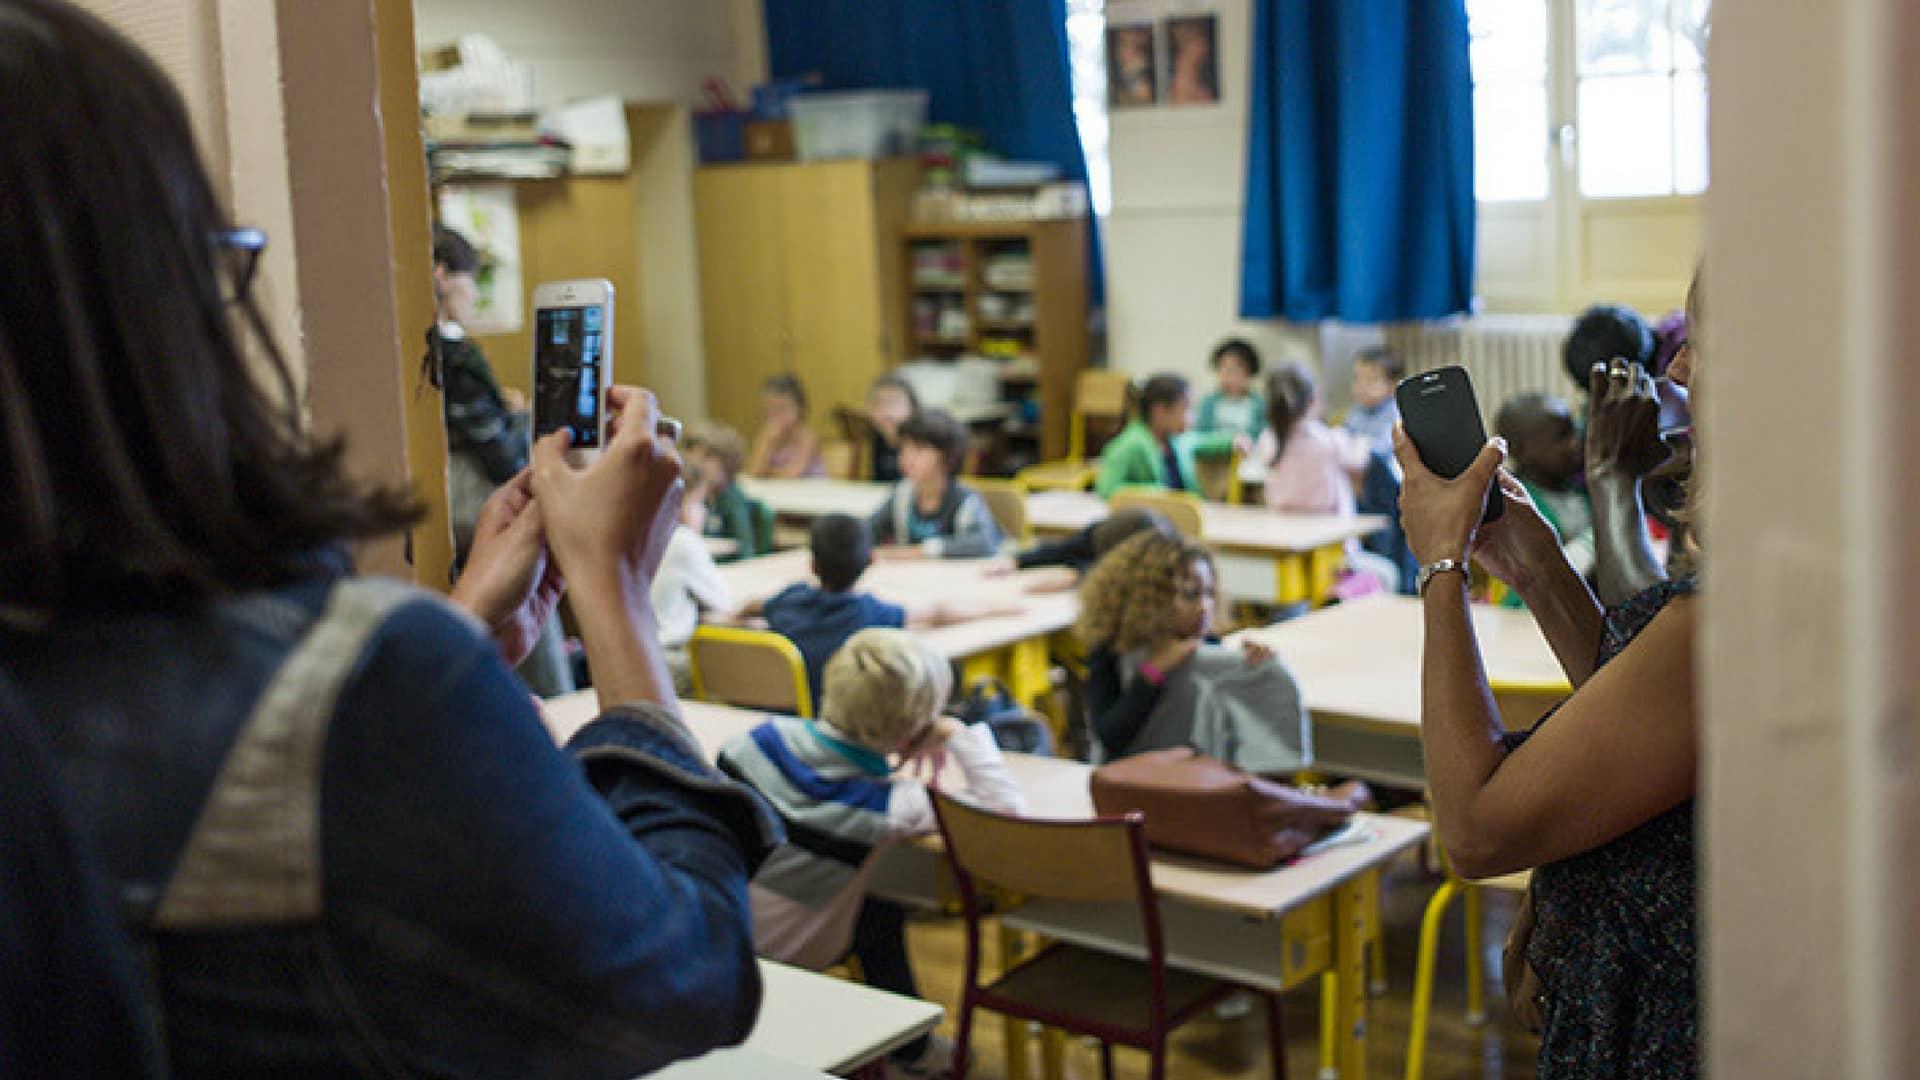 francia-divieto-cellulari-a-scuola